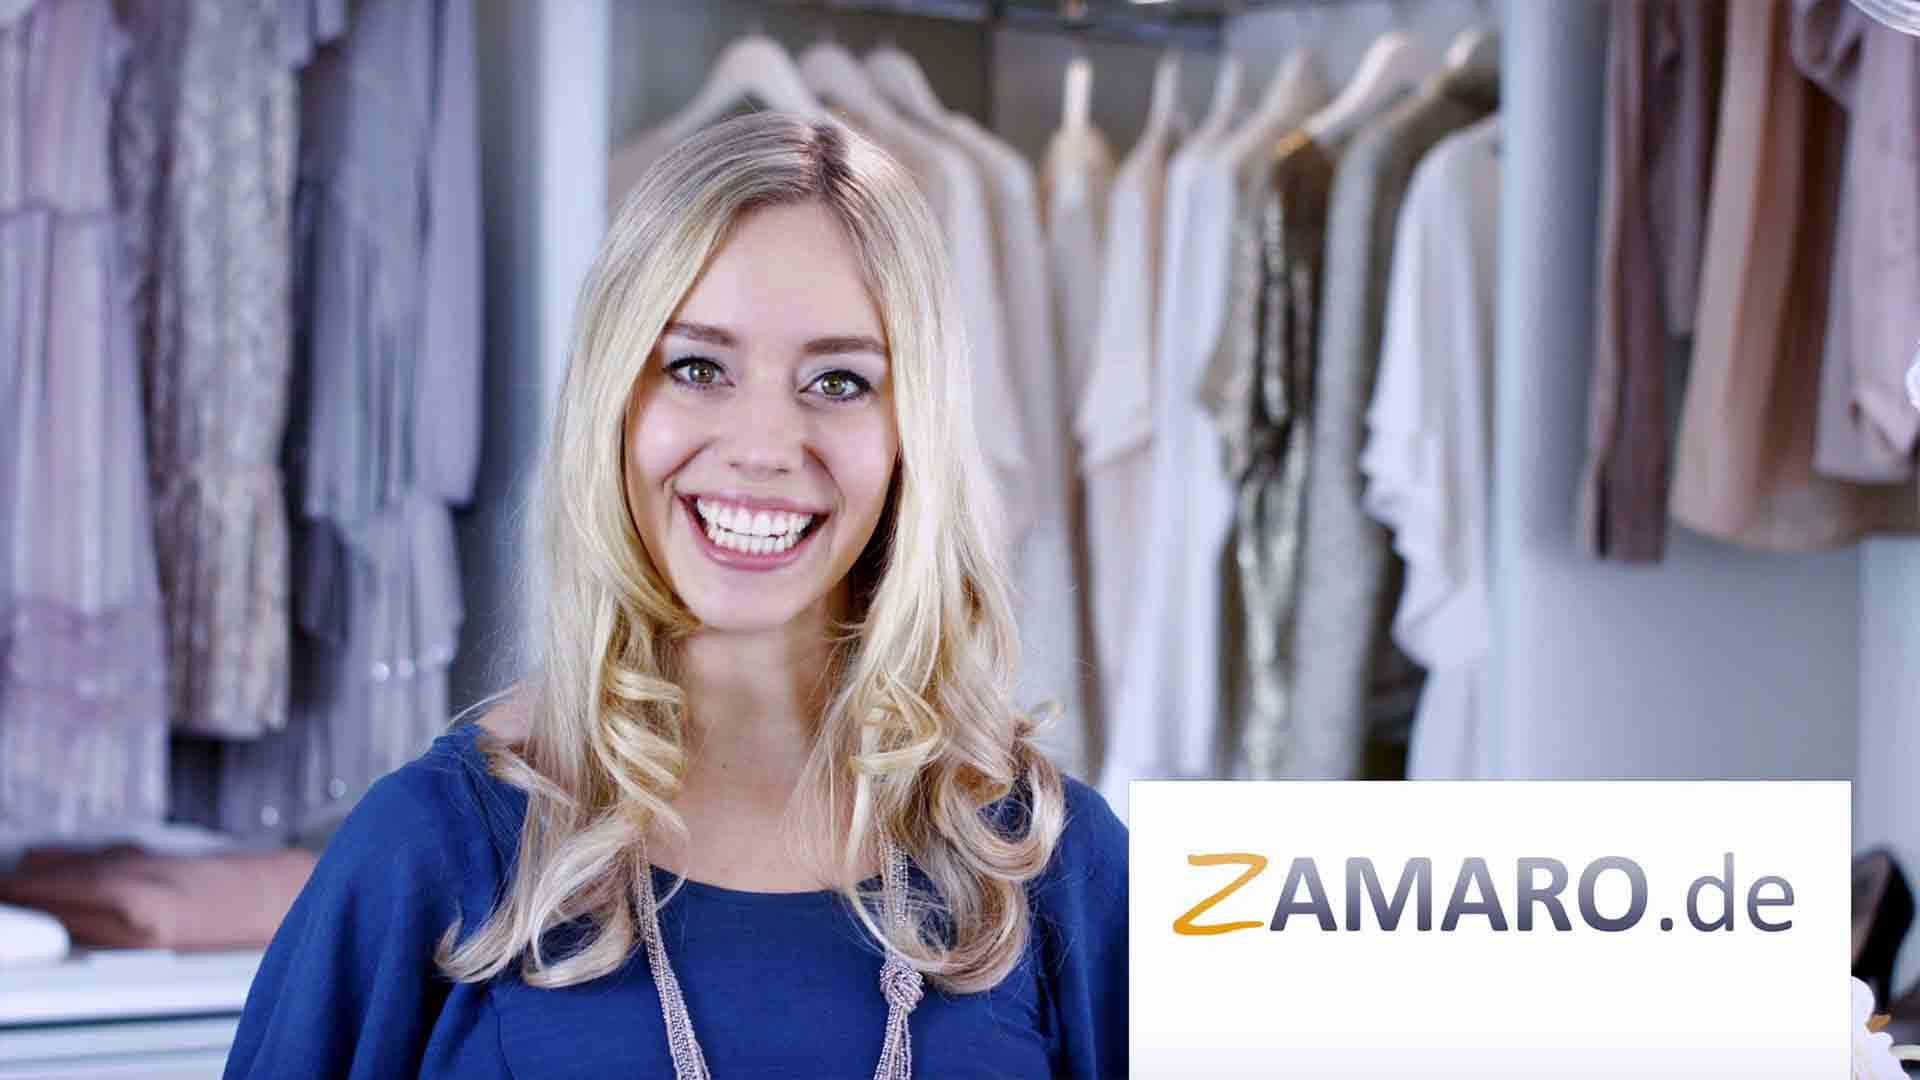 """Das Bild zeigt eine Frau. Sie hat blonde Haare. Sie trägt ein blaues Kleid. Dazu trägt sie eine Kette. Im Hintergrund sieht man Kleider hängen, sie befindet sich in einem begehbaren Kleiderschrank. Auf der rechten Seite des Bildes sieht man einen weißen Banner auf dem """"Zamaro.de"""" steht. Das Bild dient als Sliderbild für den Portfolioeintrag Zamaro von Panda Pictures."""